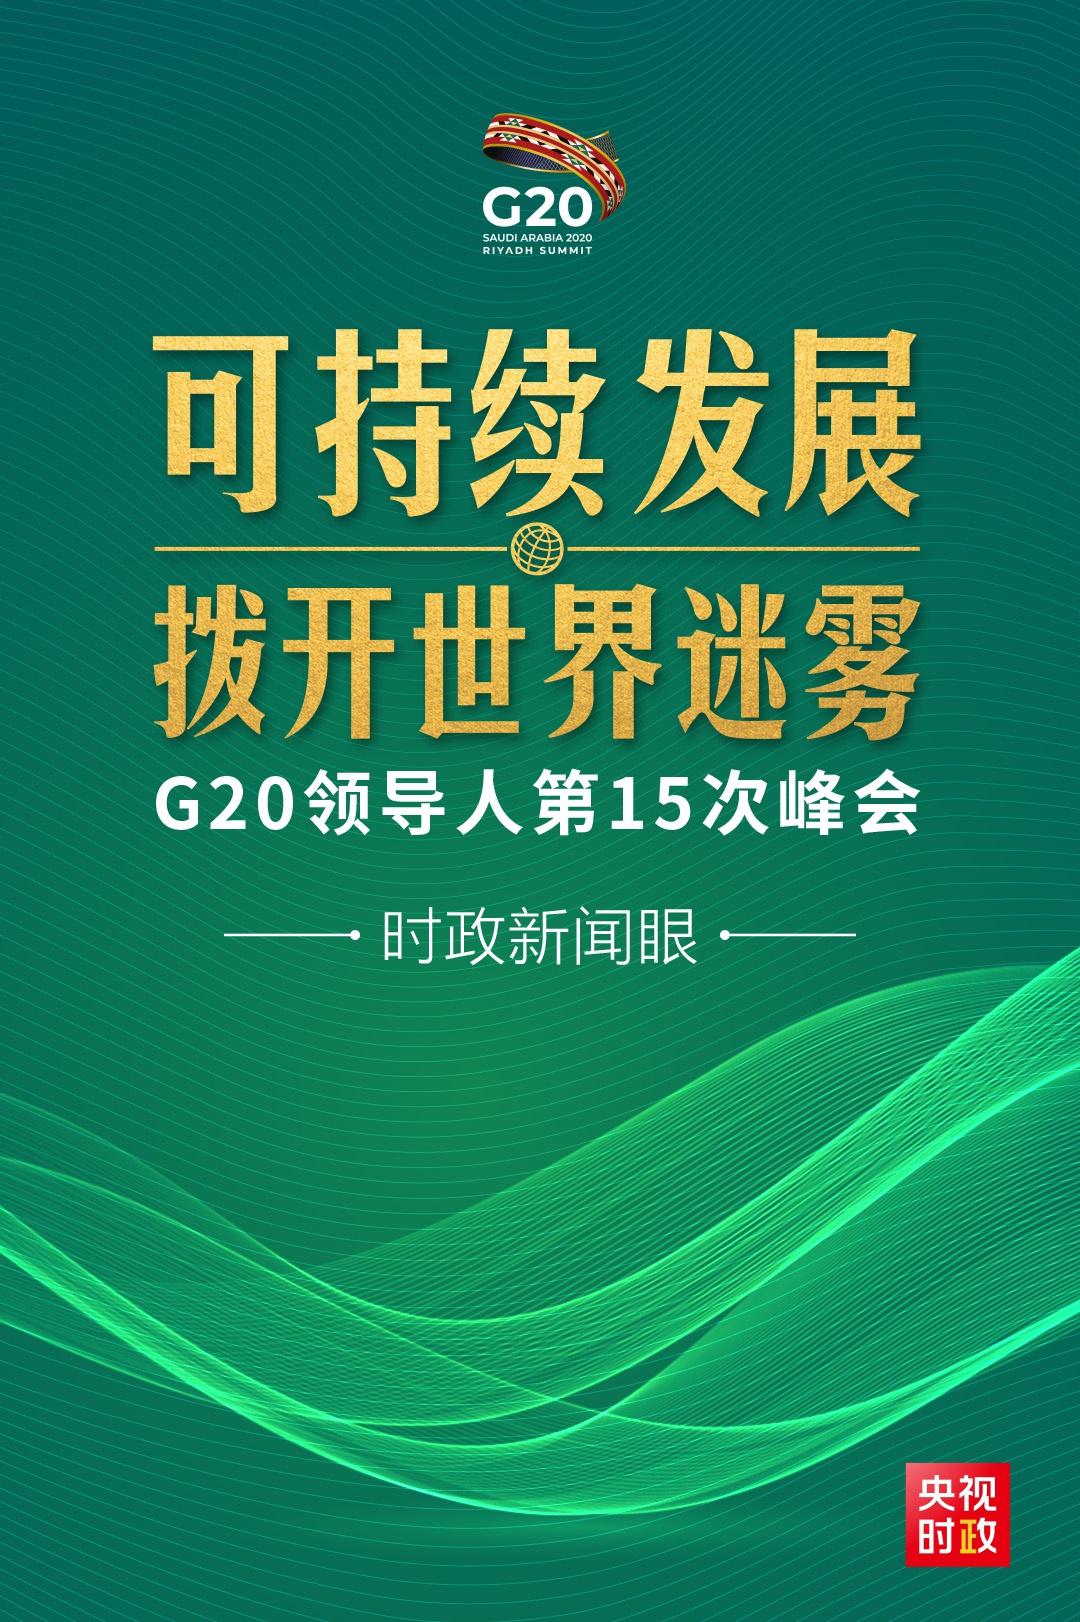 """G20峰会第二天,习近平重点阐述可持续发展这把""""金钥匙""""图片"""